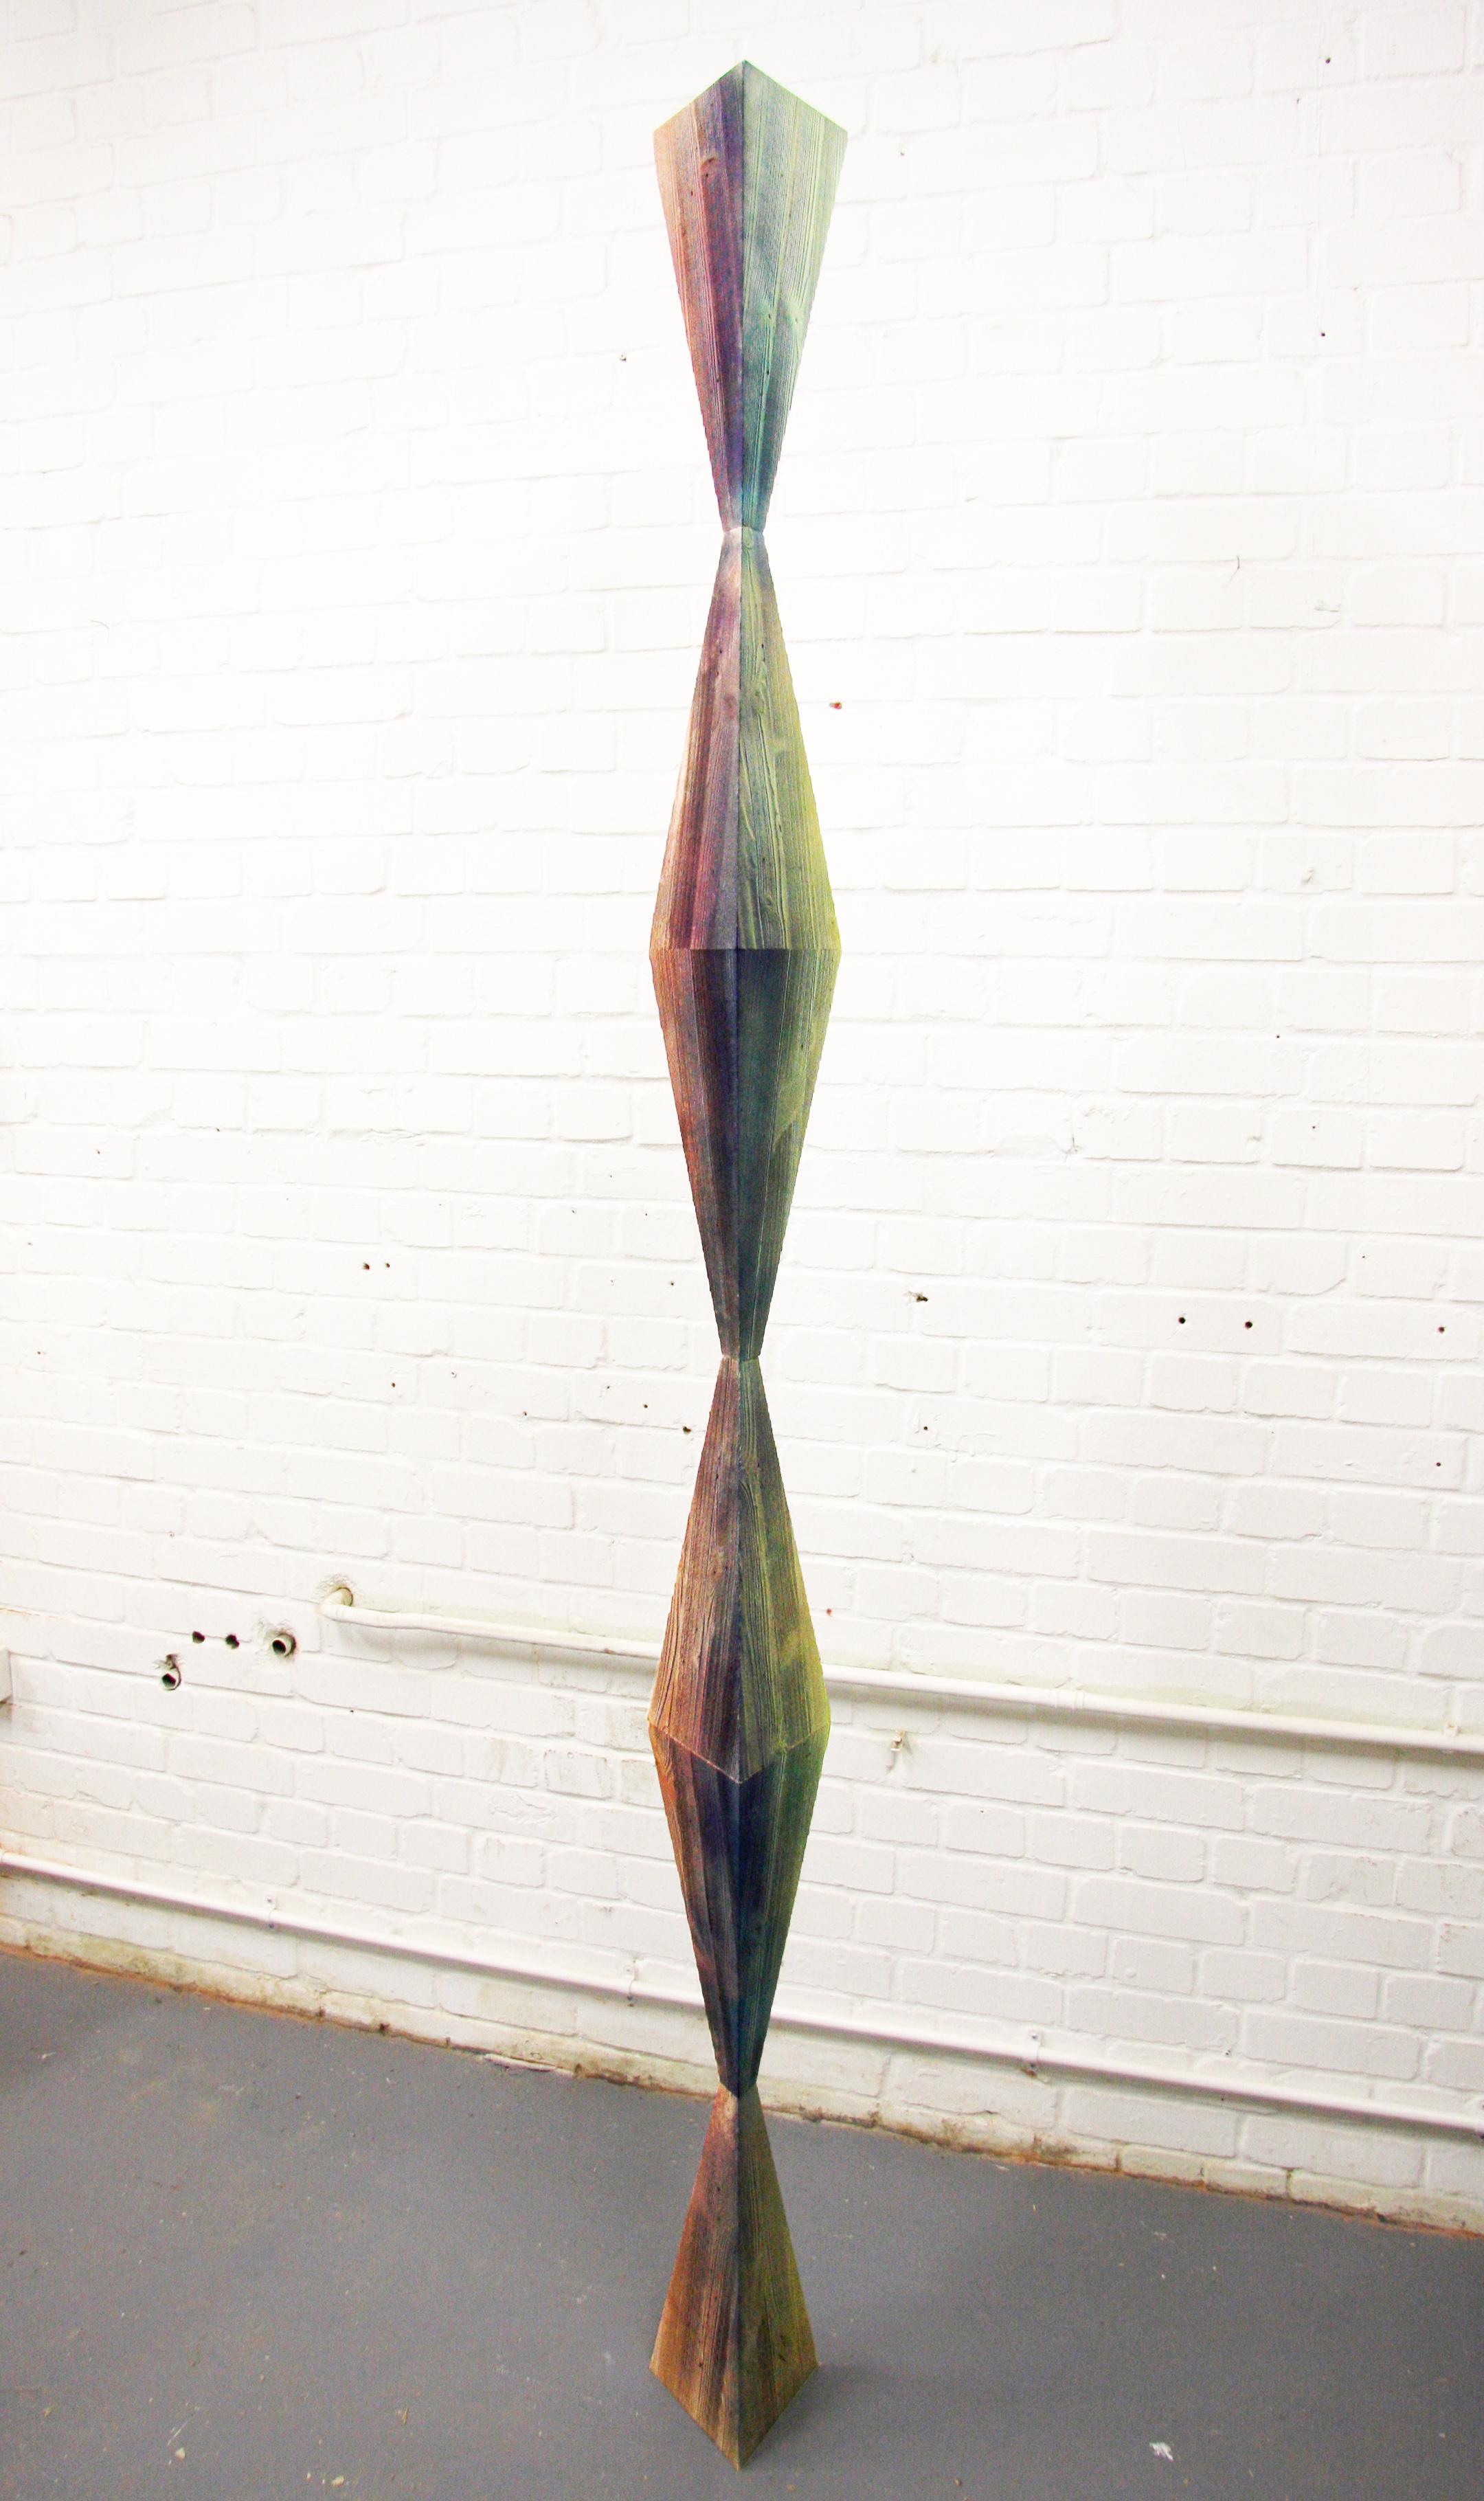 Untitled (column I), 2017